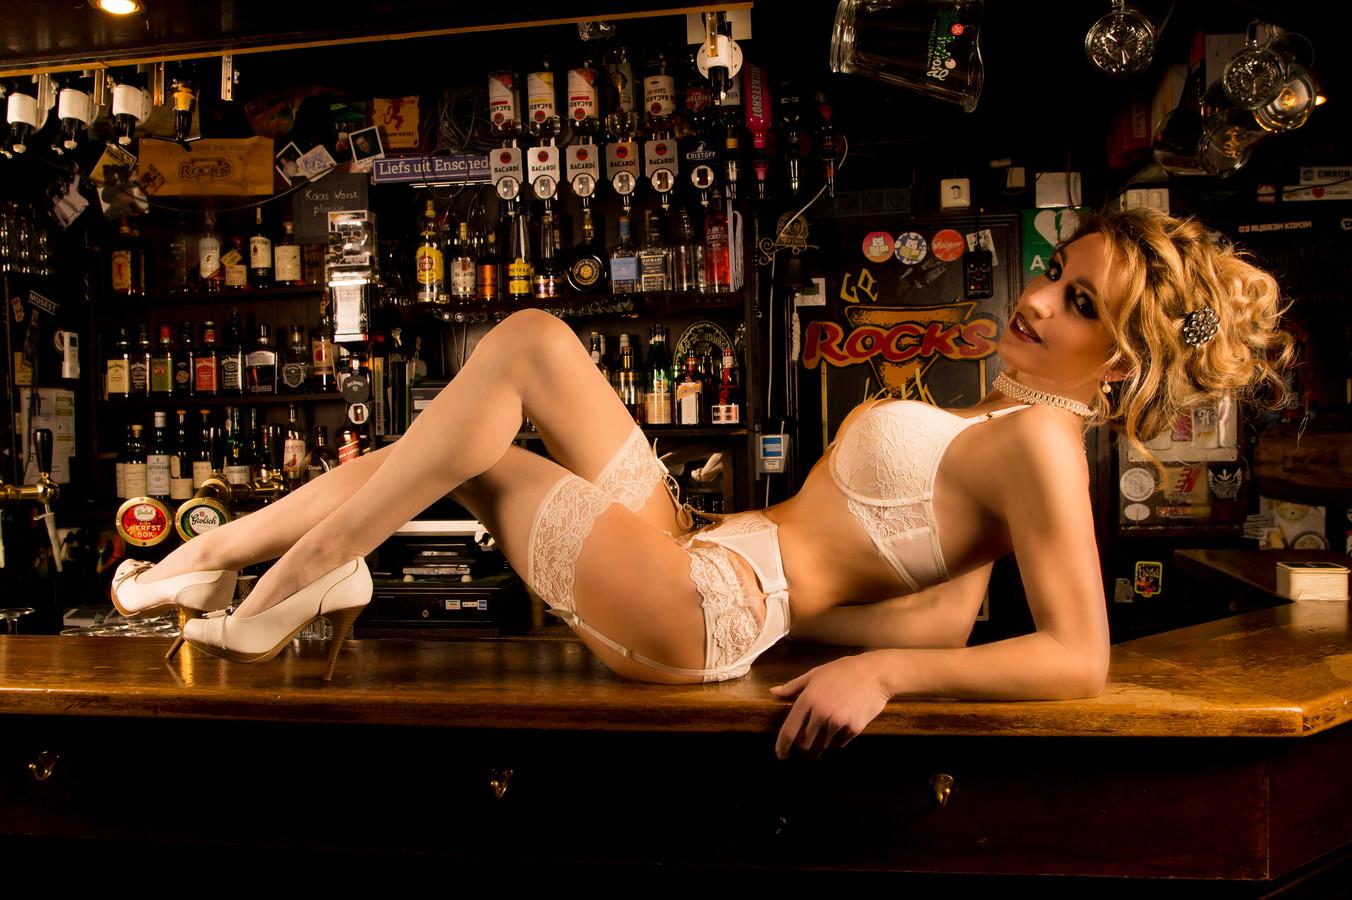 Pin-upmodel Mechteld Geesing springt in de bres voor haar favoriete stamkroeg: café Rocks in Enschede.